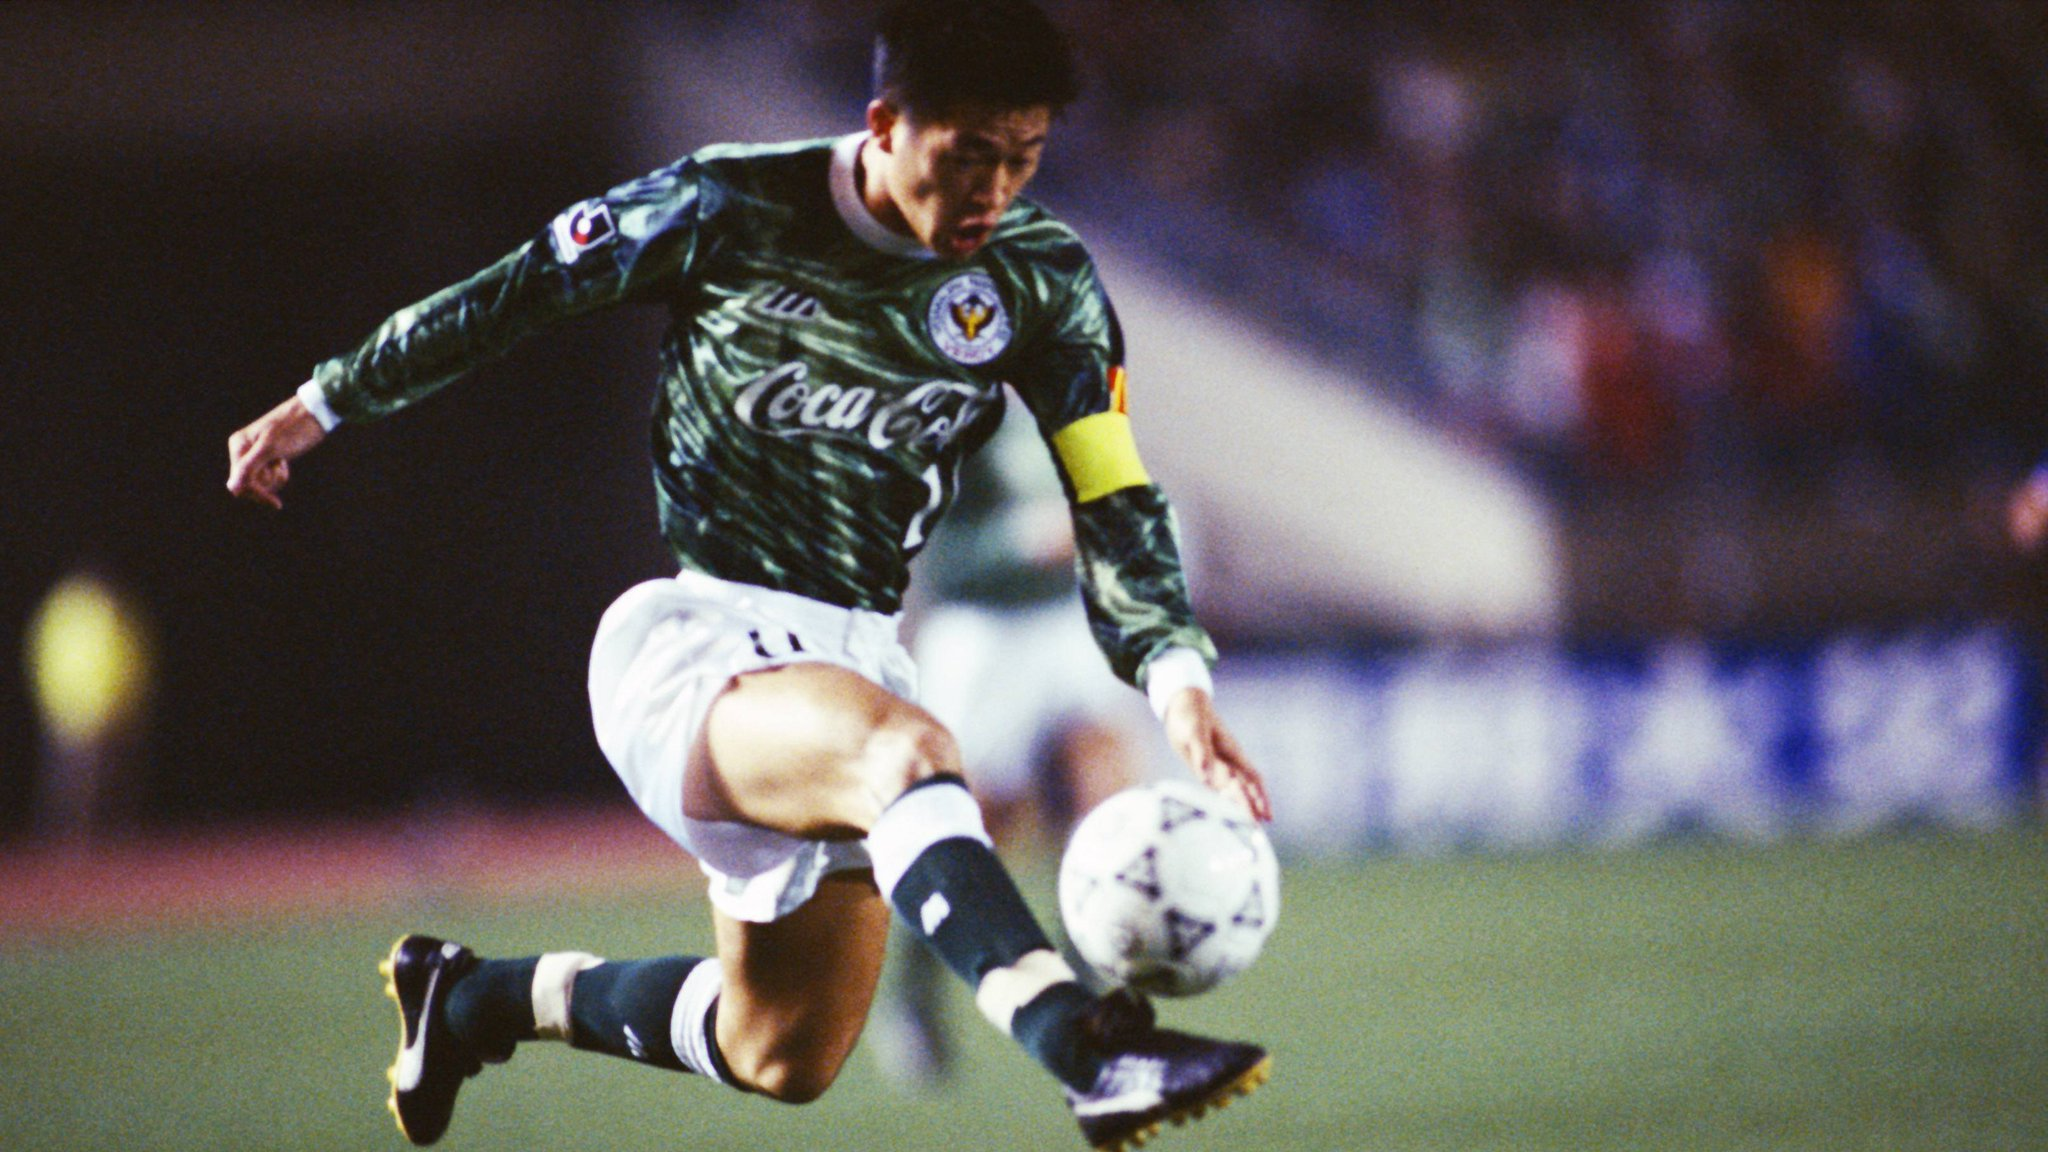 活化石!1994年的今天,三浦知良拿到J联赛元年冠军